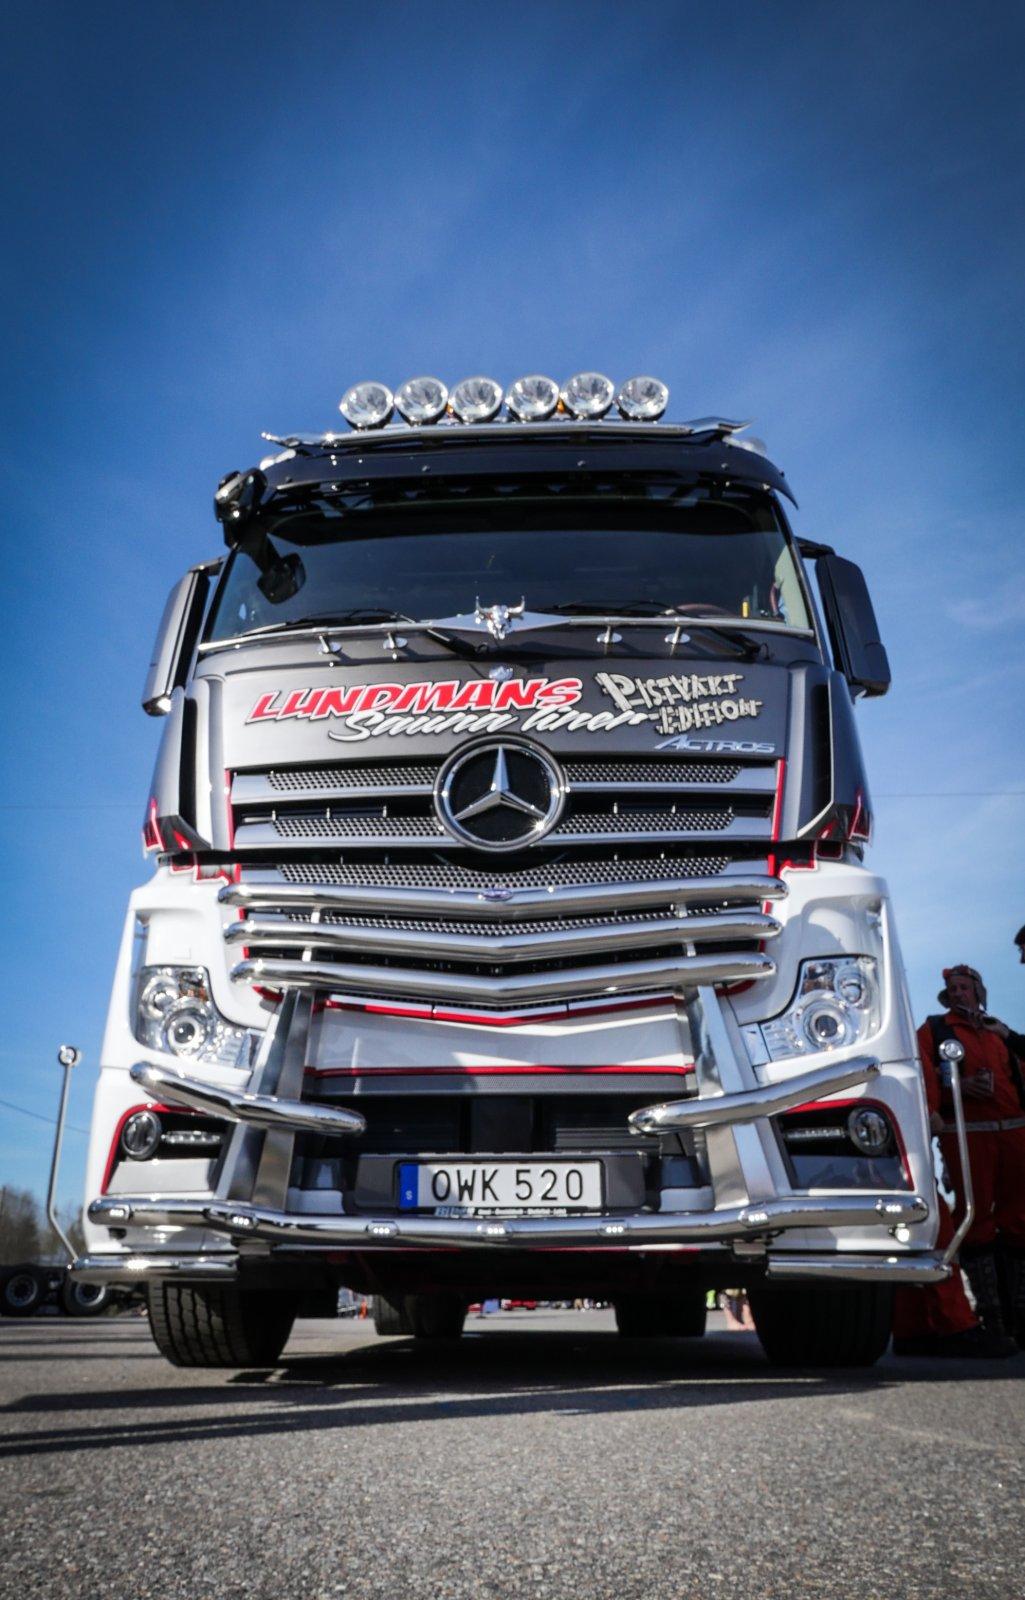 Planen är att visa upp lastbilen så mycket det går på utställningar och olika shower fram till i höst – den ska bland annat stå tre dagar i Mercedes-Benz monter på Elmia.